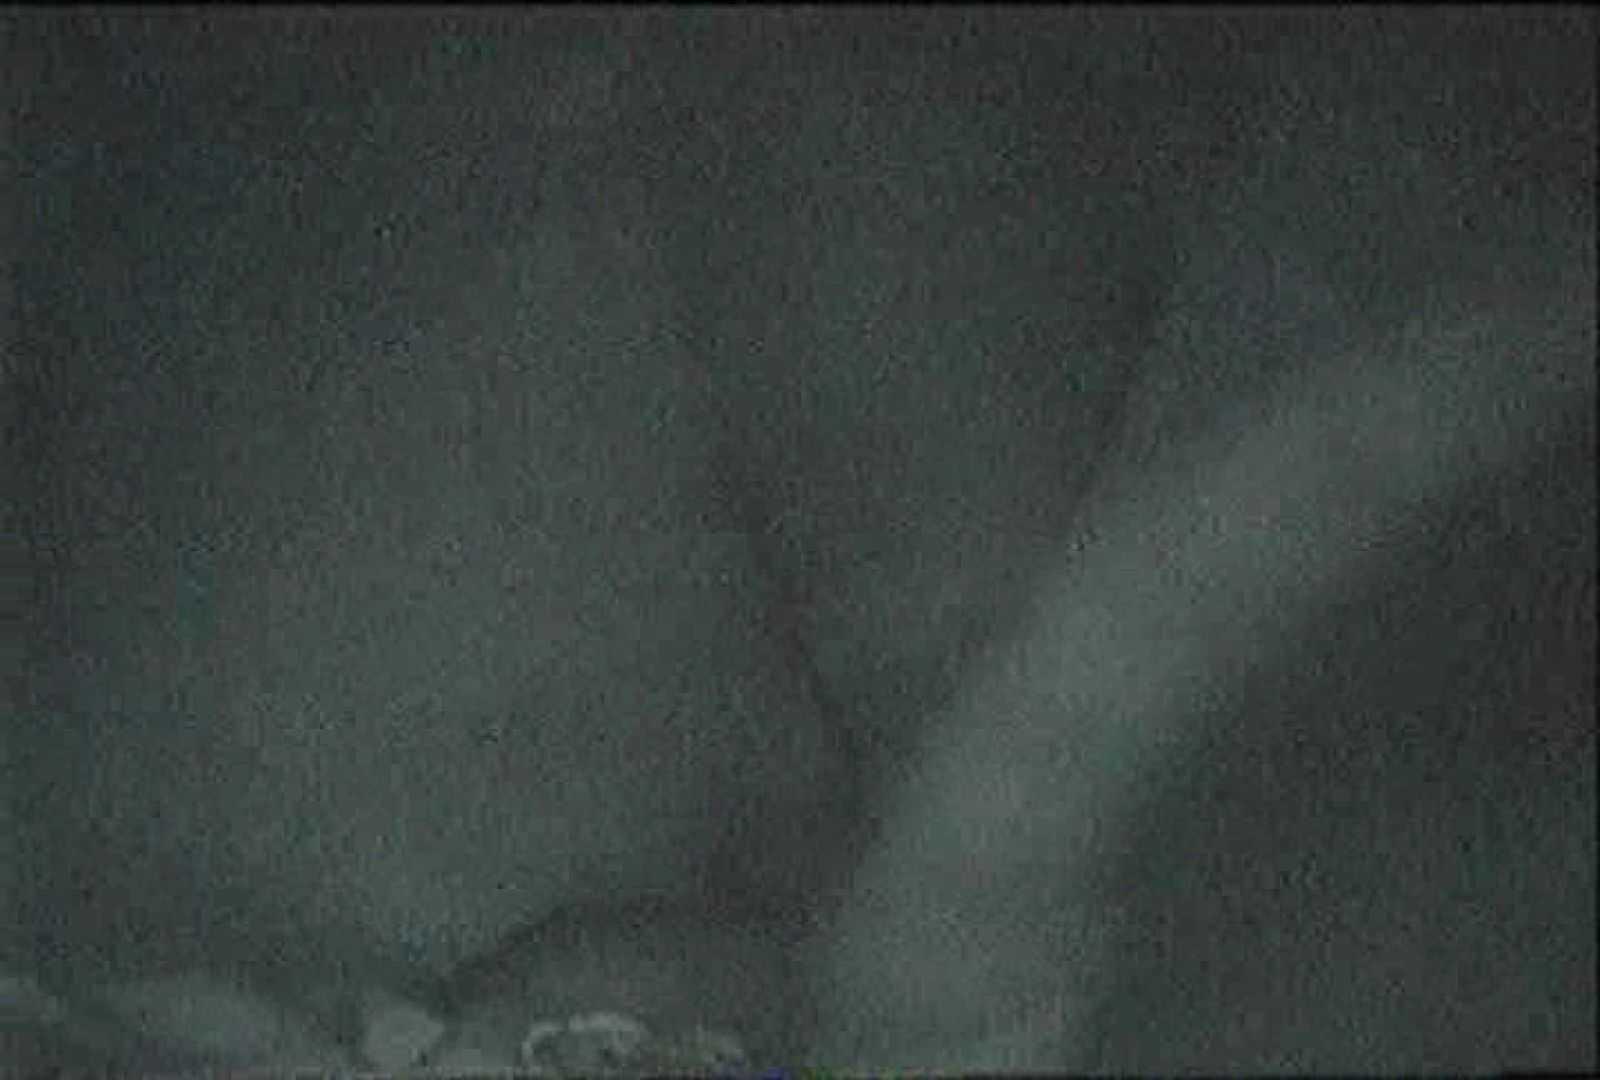 充血監督の深夜の運動会Vol.78 OLセックス | カップル  72画像 41